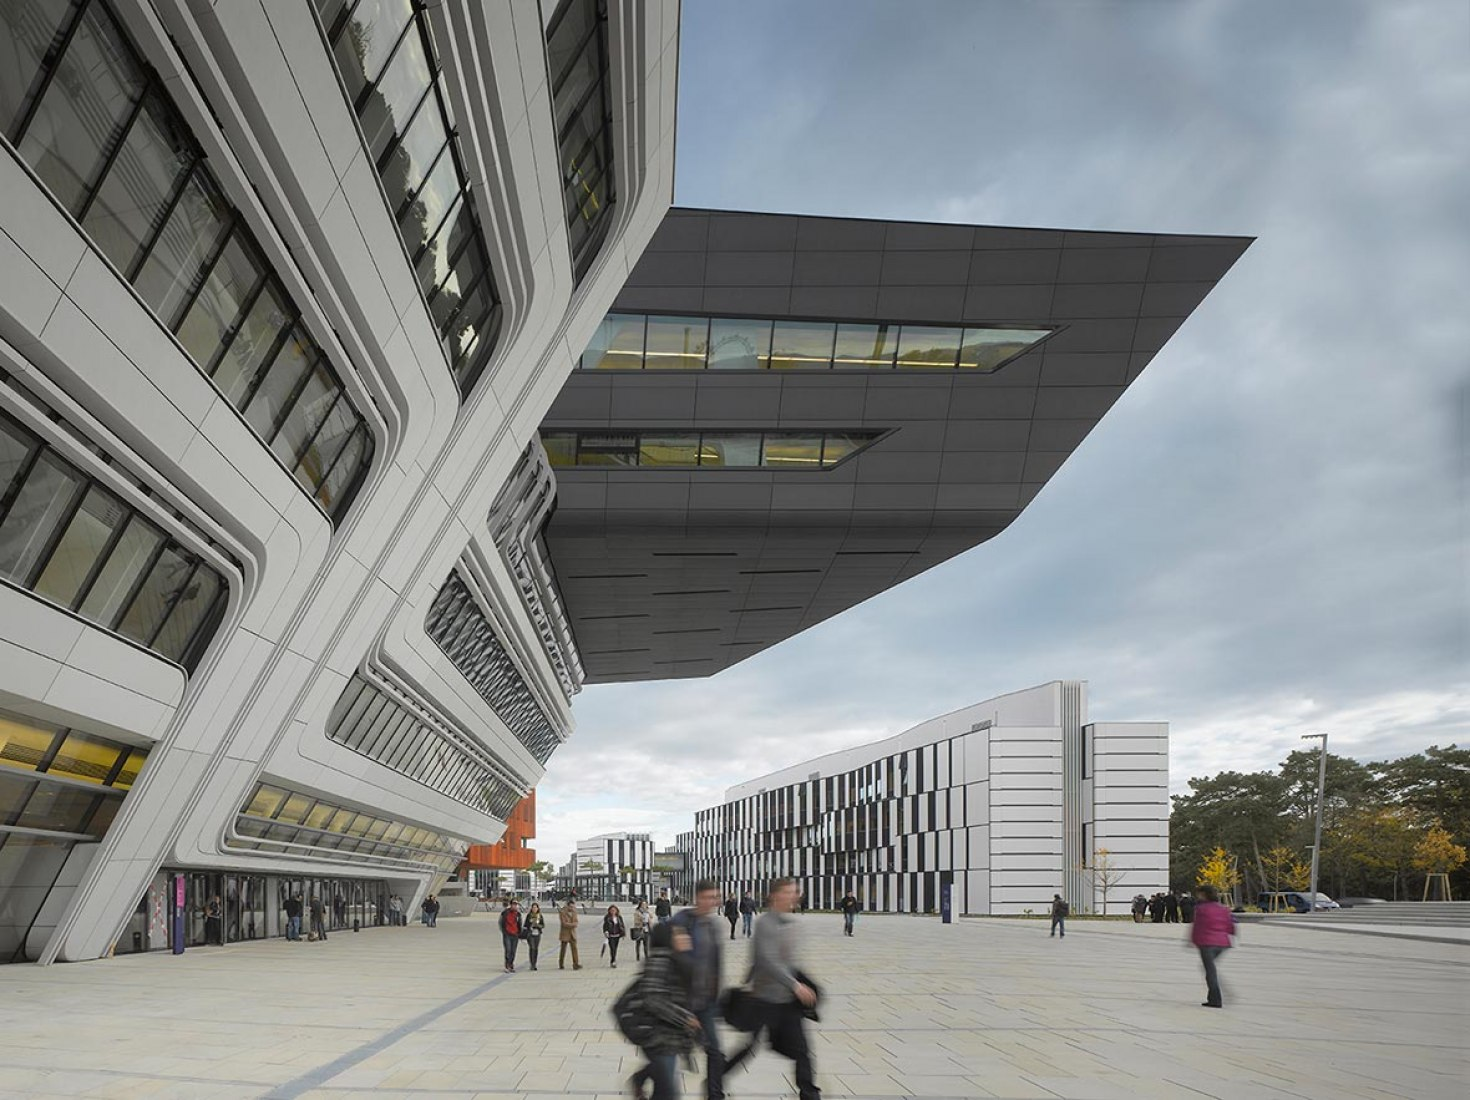 Biblioteca y Centro de Aprendizaje de la Universidad de Economía por Zaha Hadid Arquitectos. Fotografia © Roland Halbe.